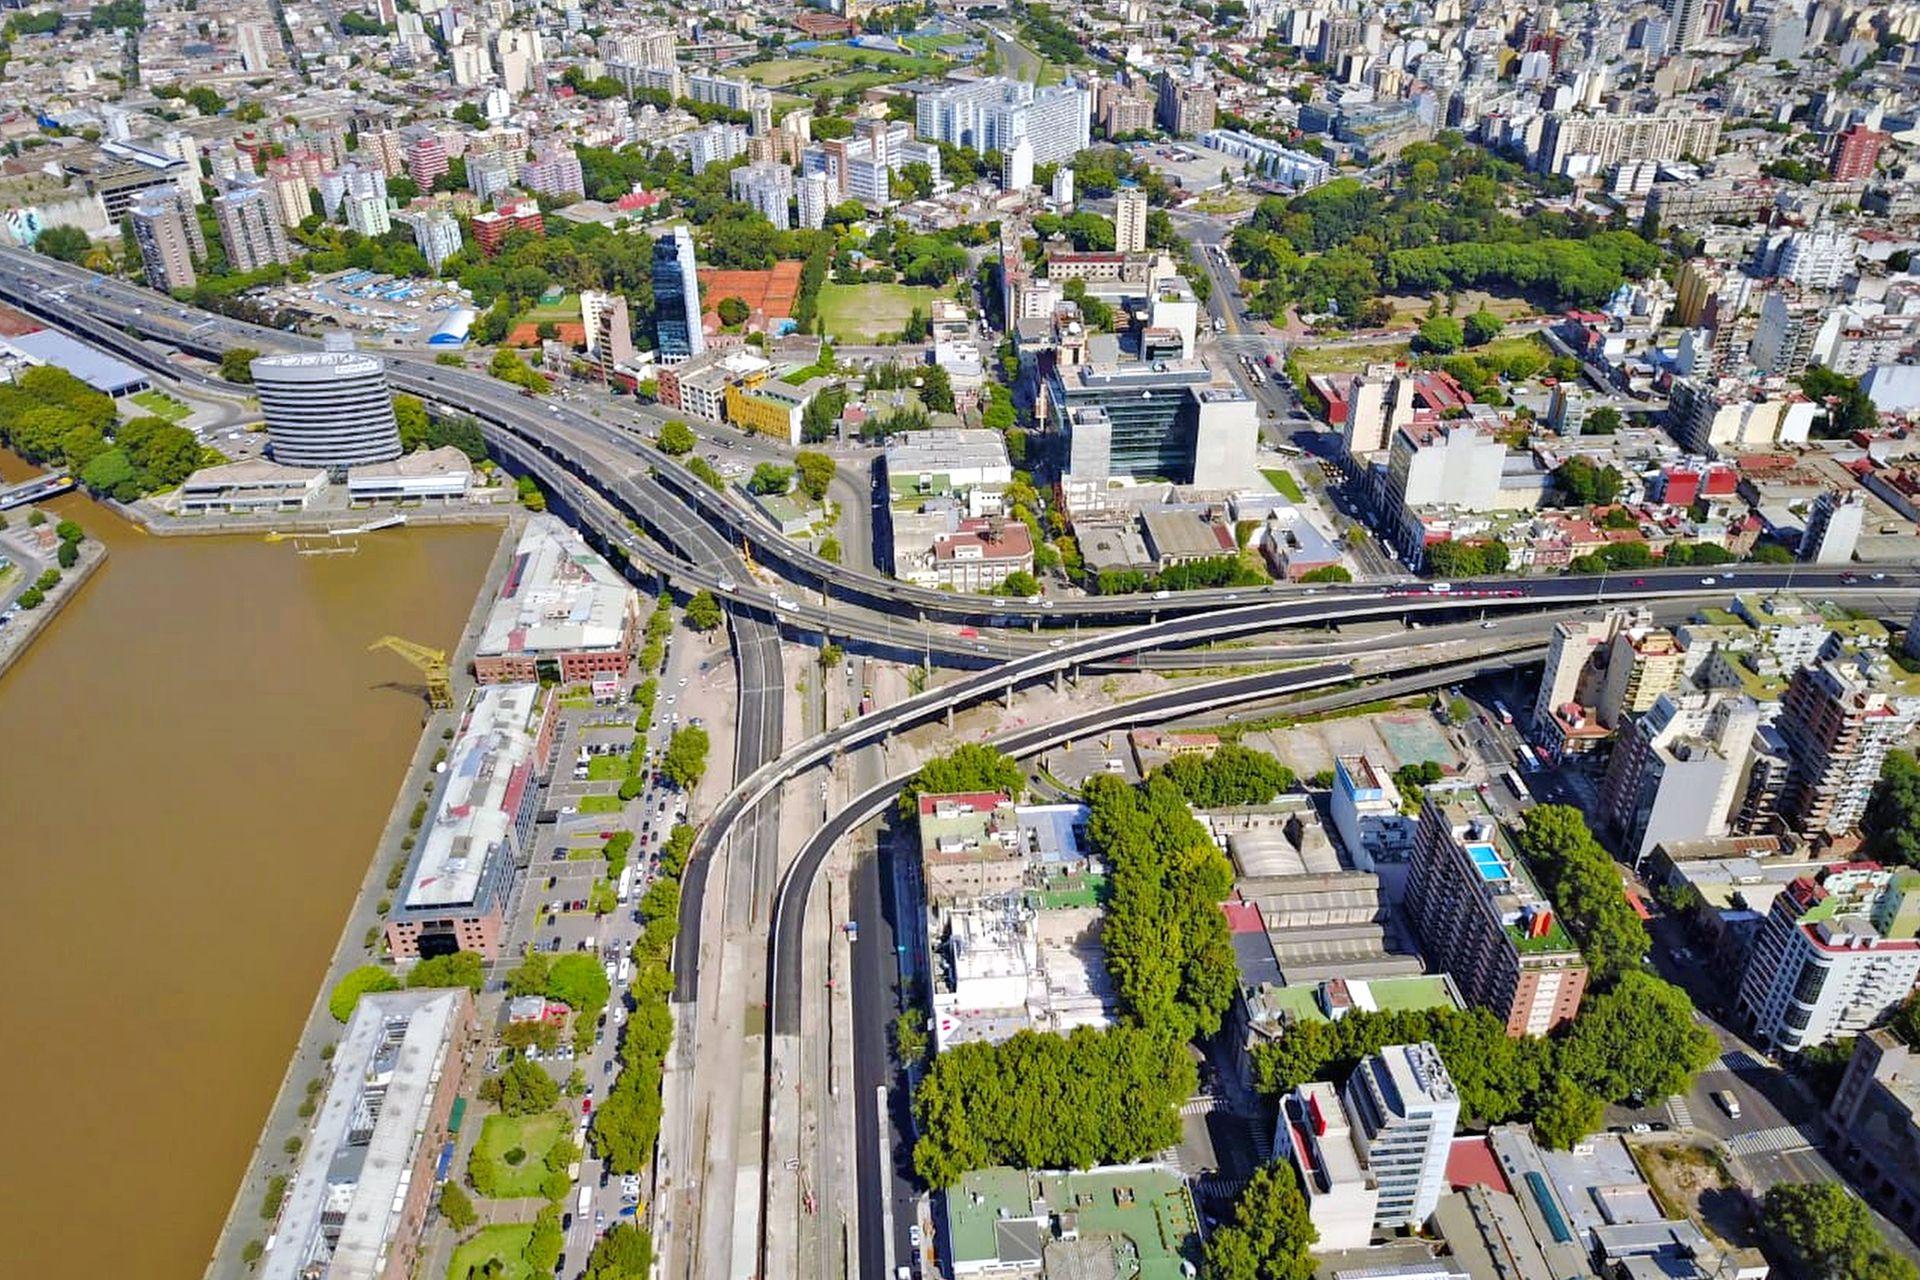 El Paseo del Bajo, un proyecto urbanístico de 7,1 kilómetros que mejorará la fluidez del tránsito y la conexión entre el norte y el sur de la Ciudad al separar los camiones y colectivos de los vehículos particulares